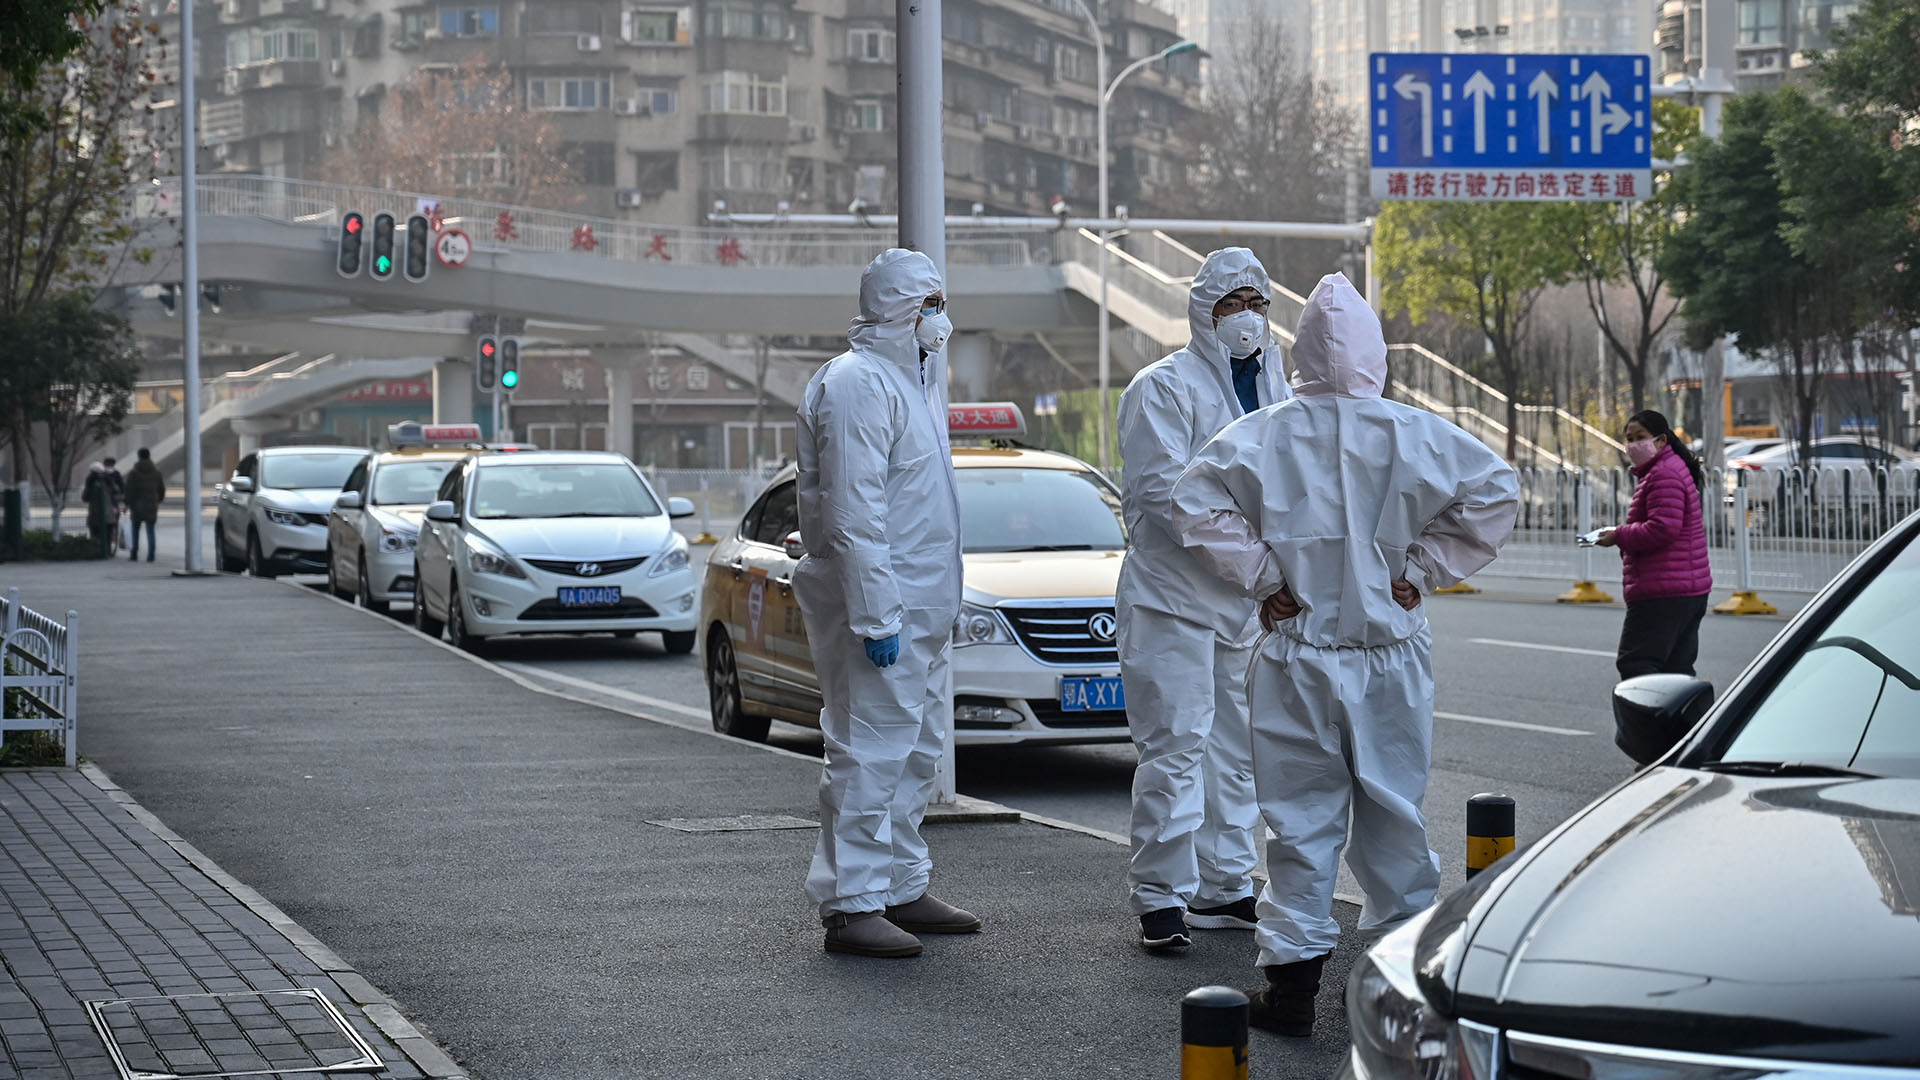 Tres personas con trajes llegaron al lugar (Héctor RETAMAL / AFP)